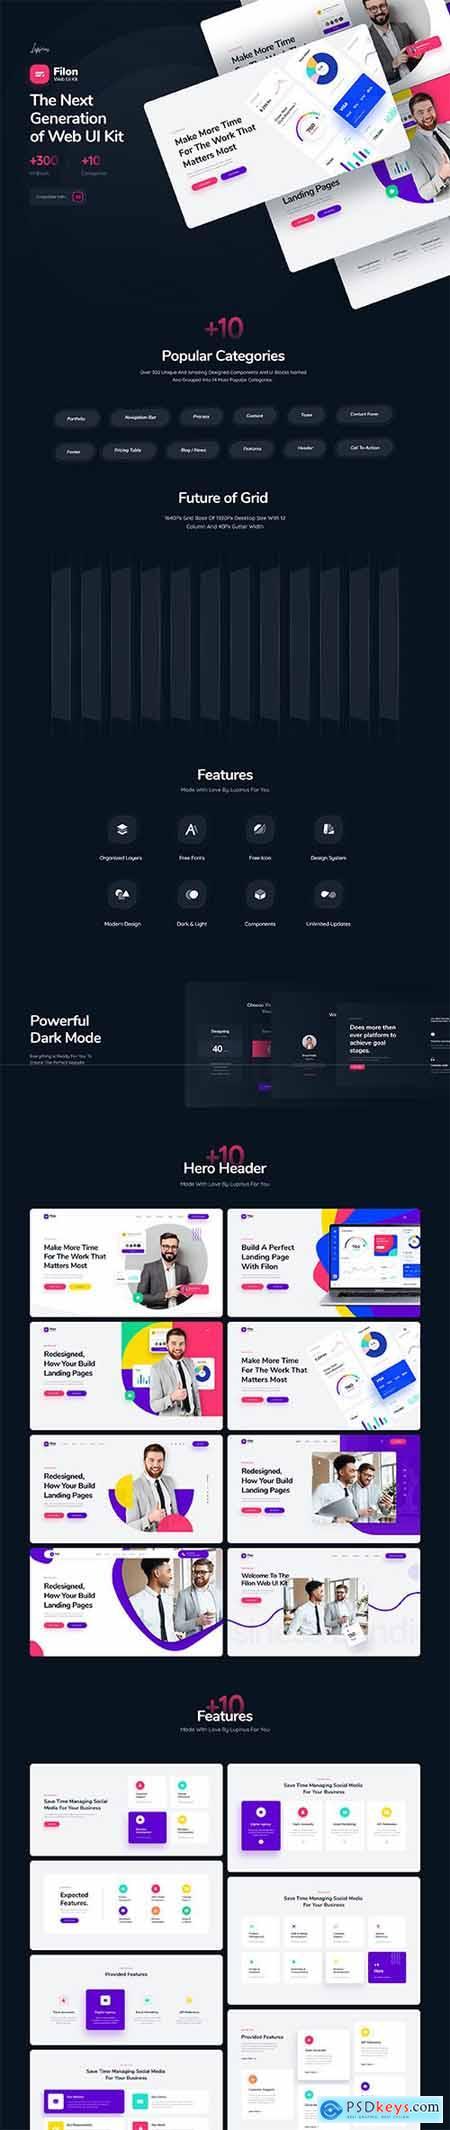 Filon Web UI Kit